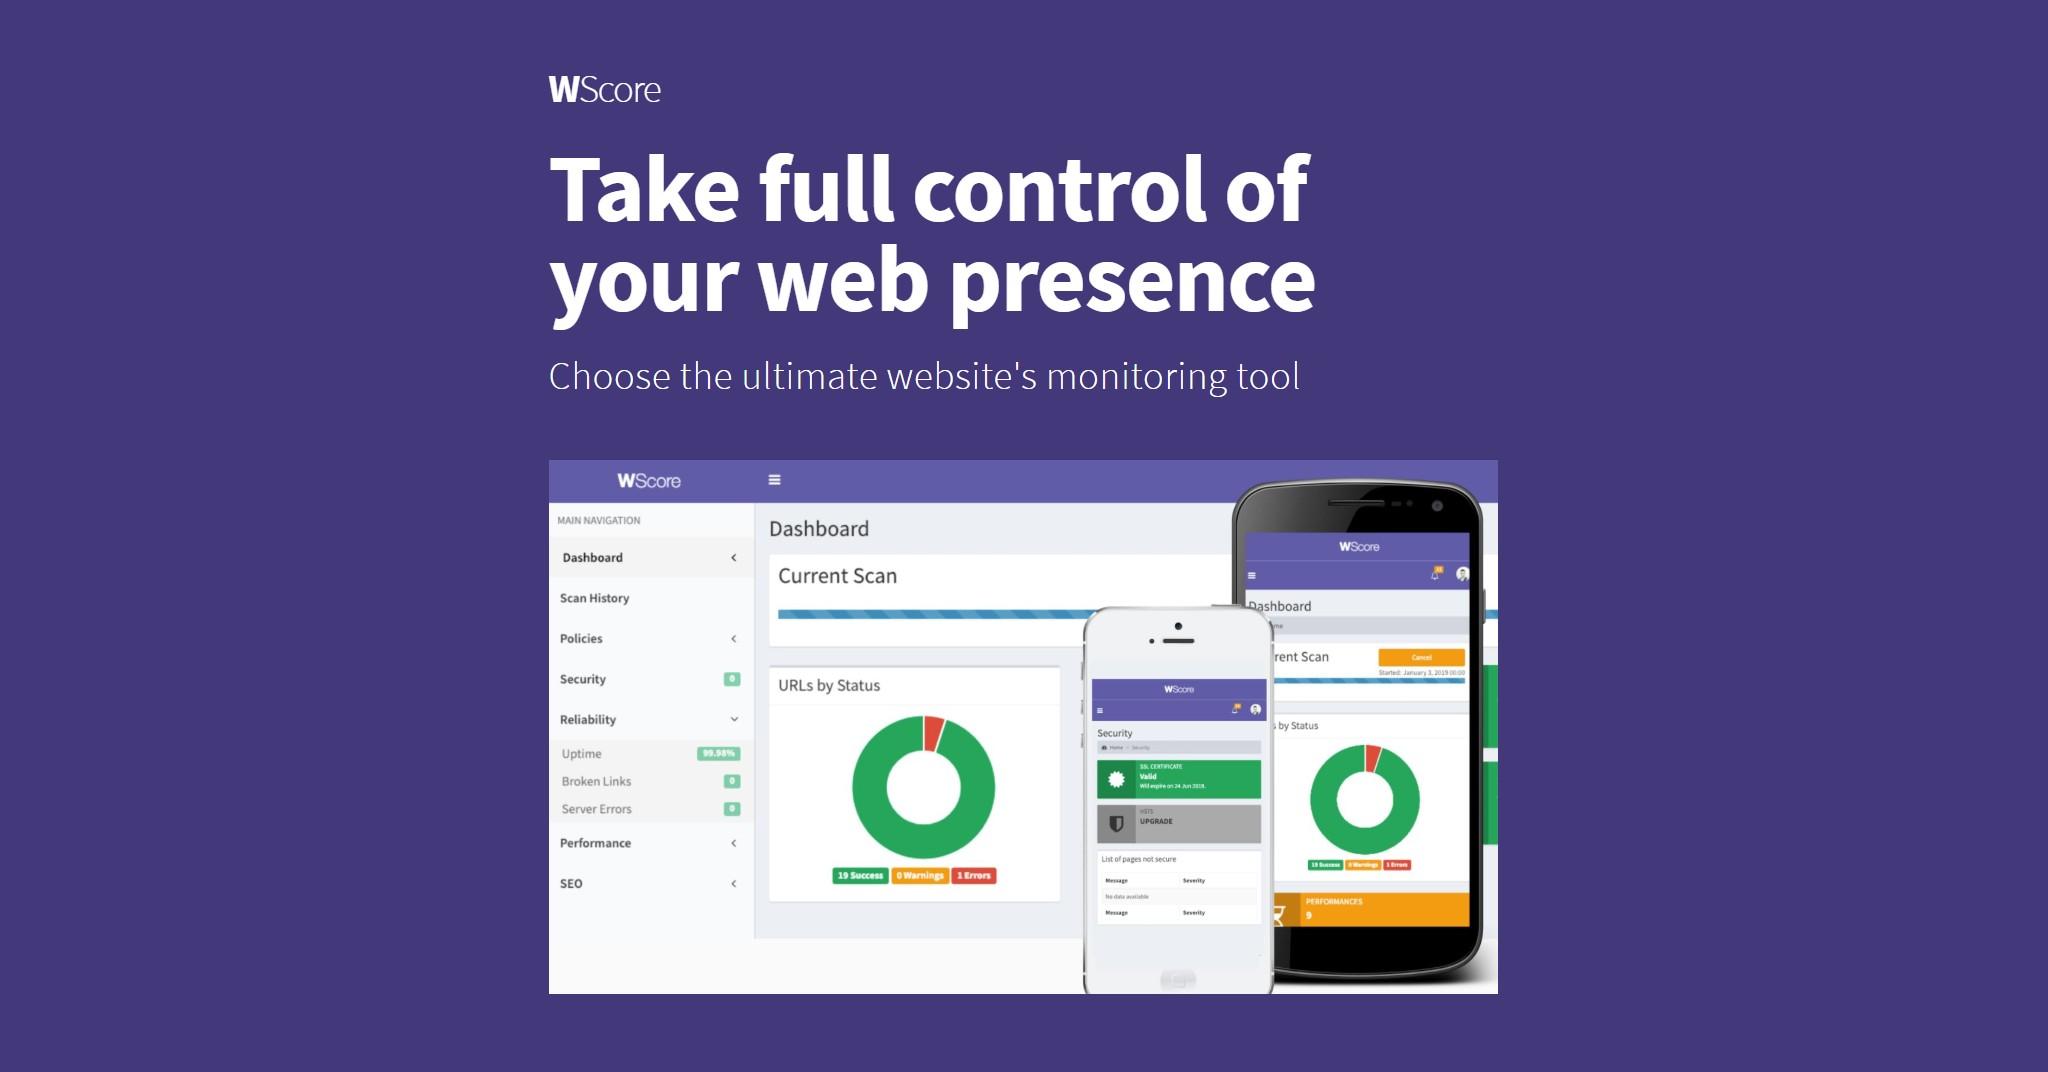 WScore